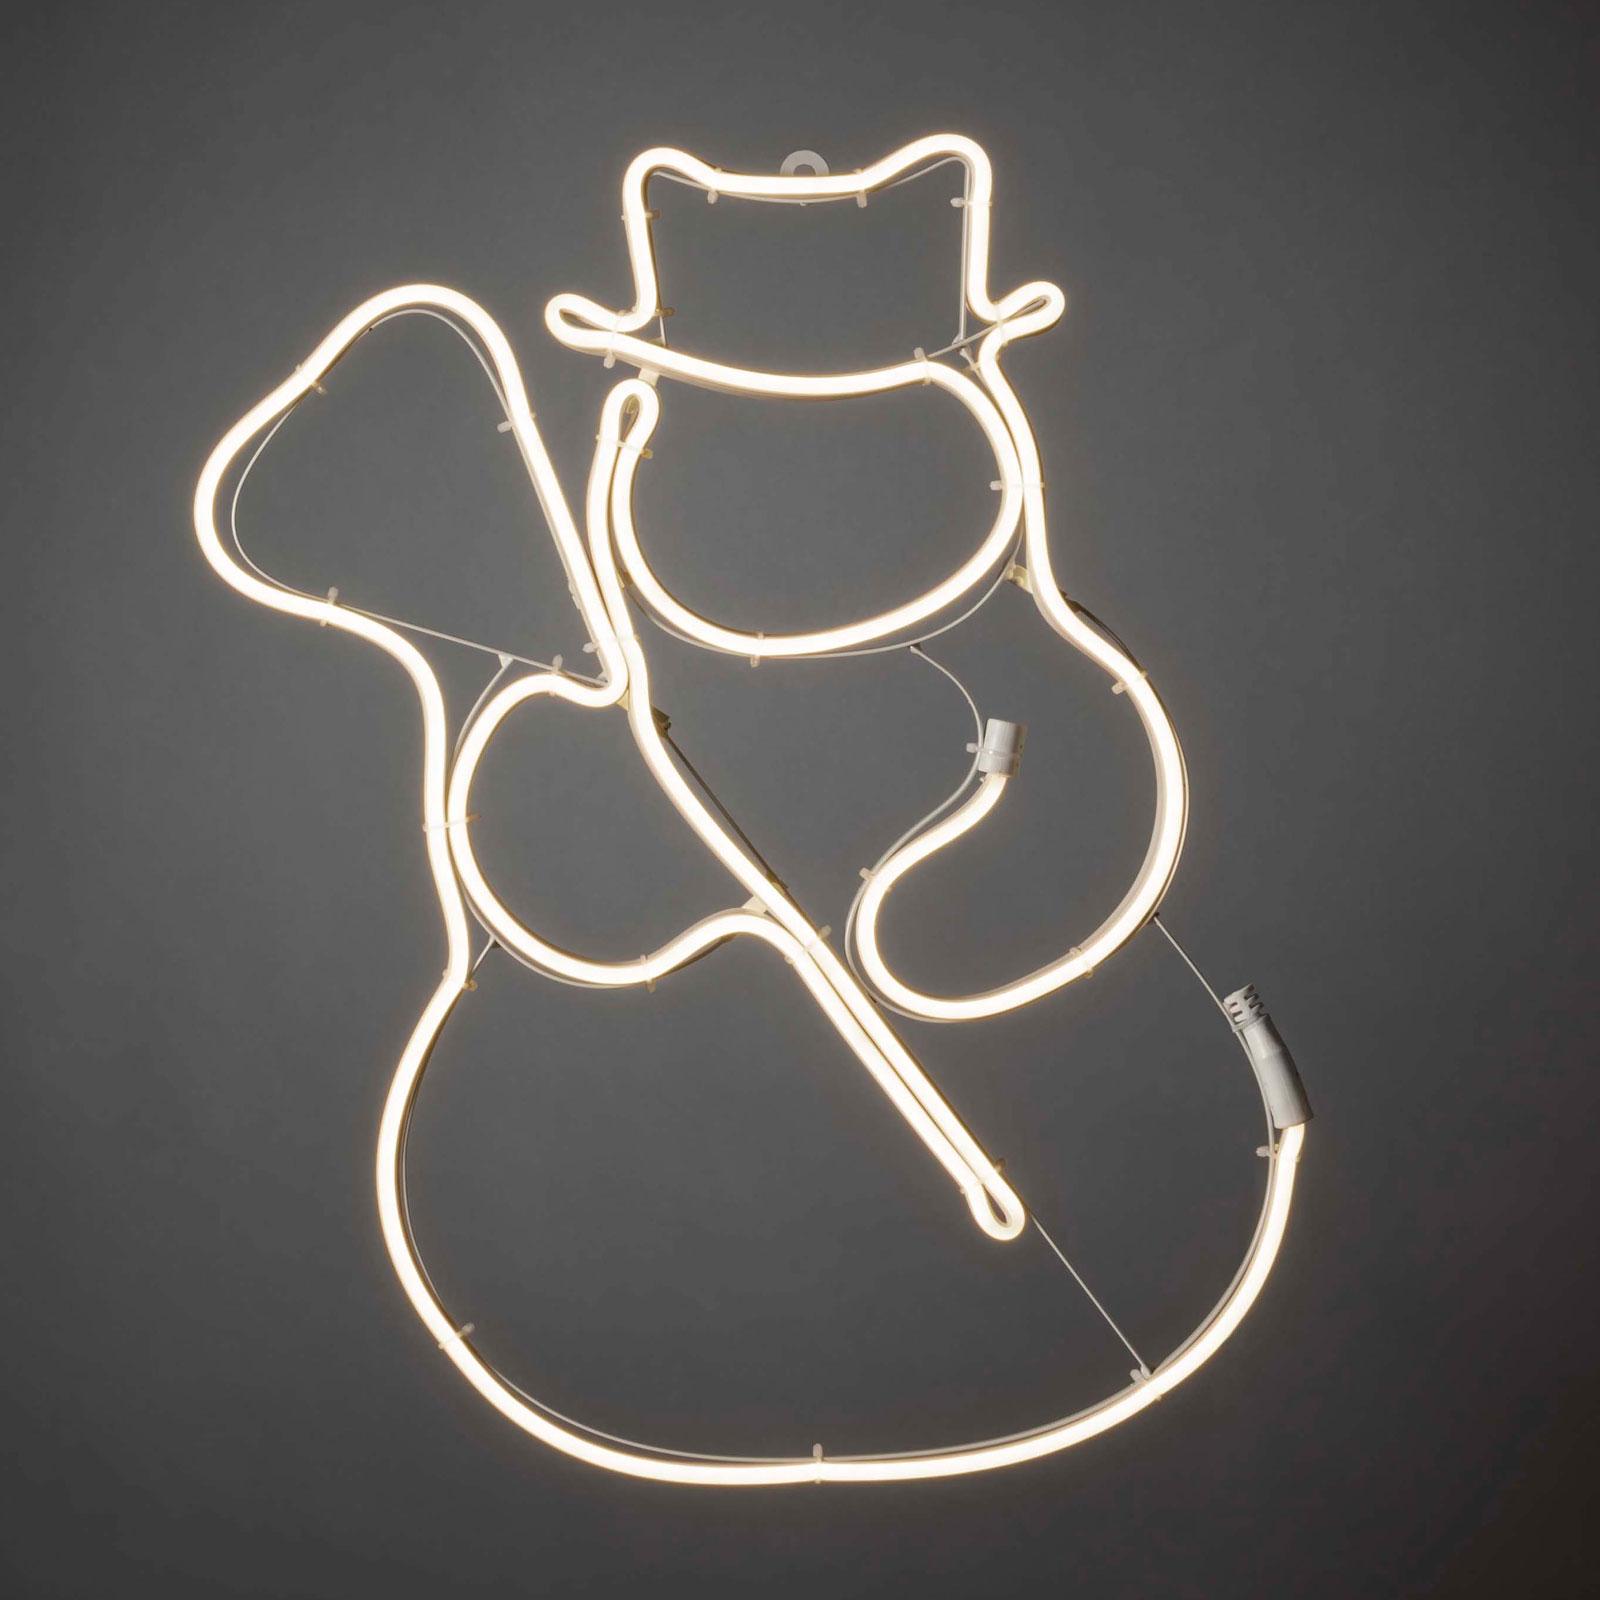 LED-Fensterbild Schlauchsilhouette Schneemann